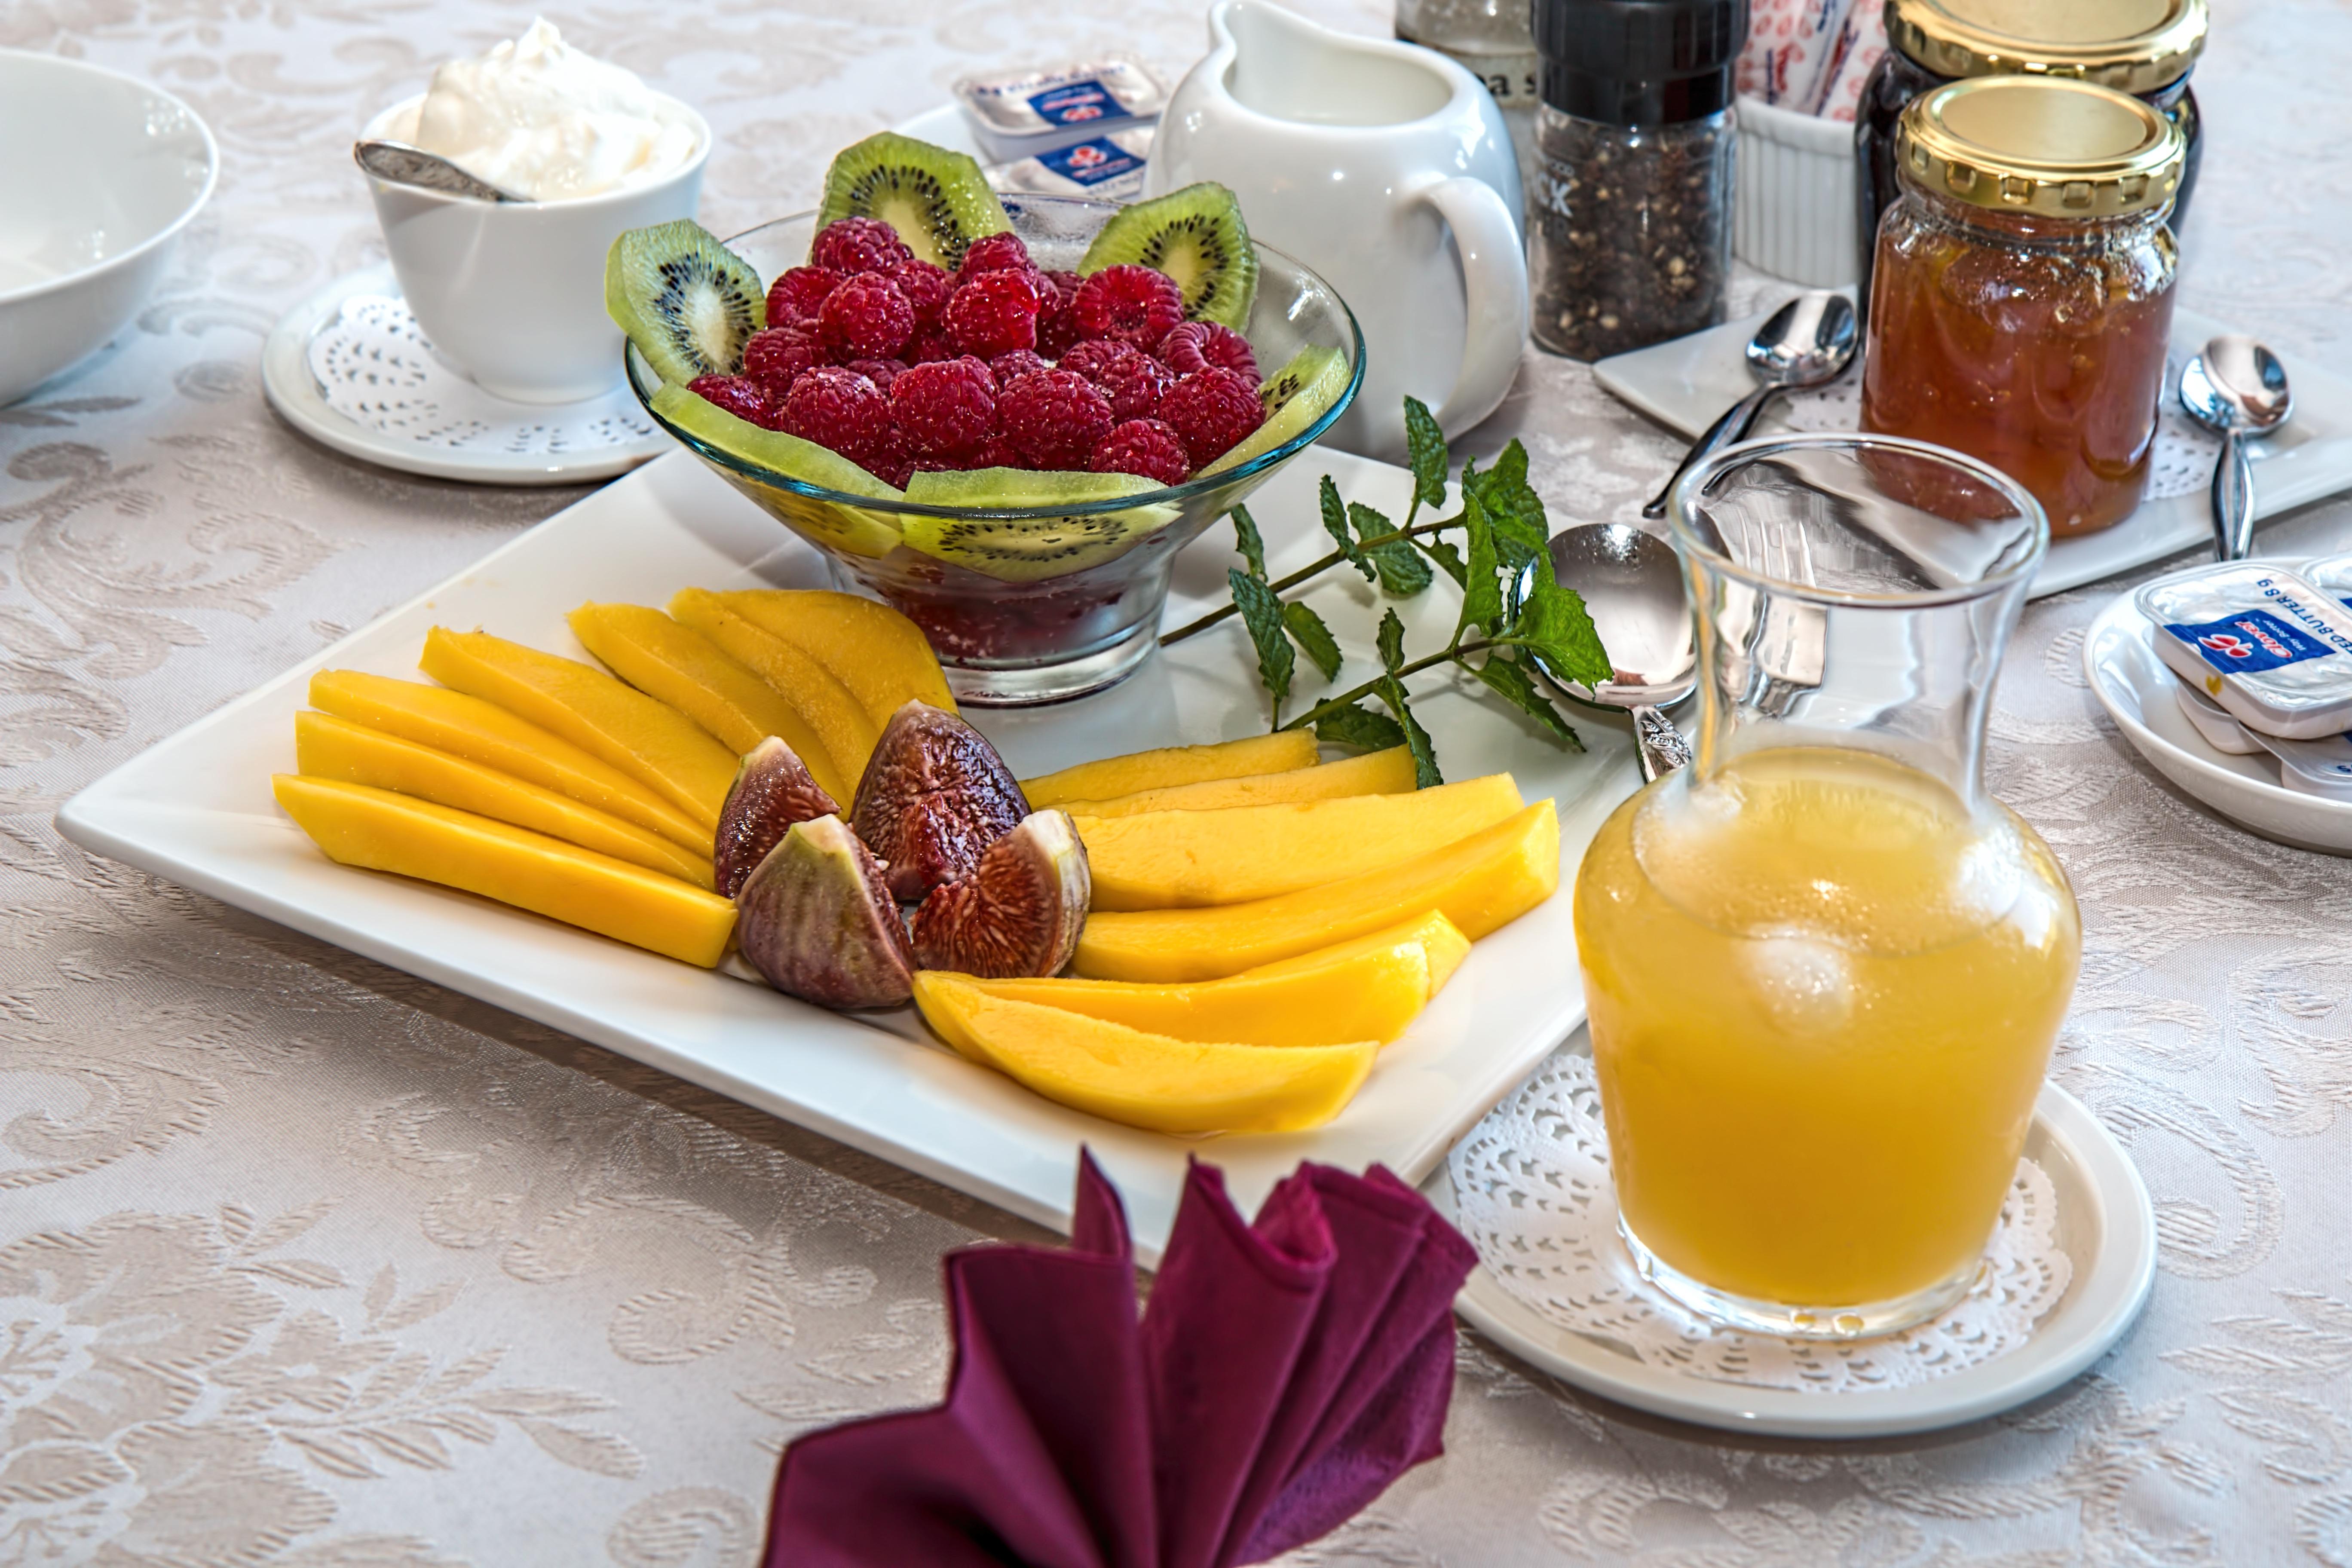 Gambar hidangan menghasilkan makan siang Masakan kebugaran kalori Yogurt buah segar vitamin berry mangga jus jeruk anggun ara menarik